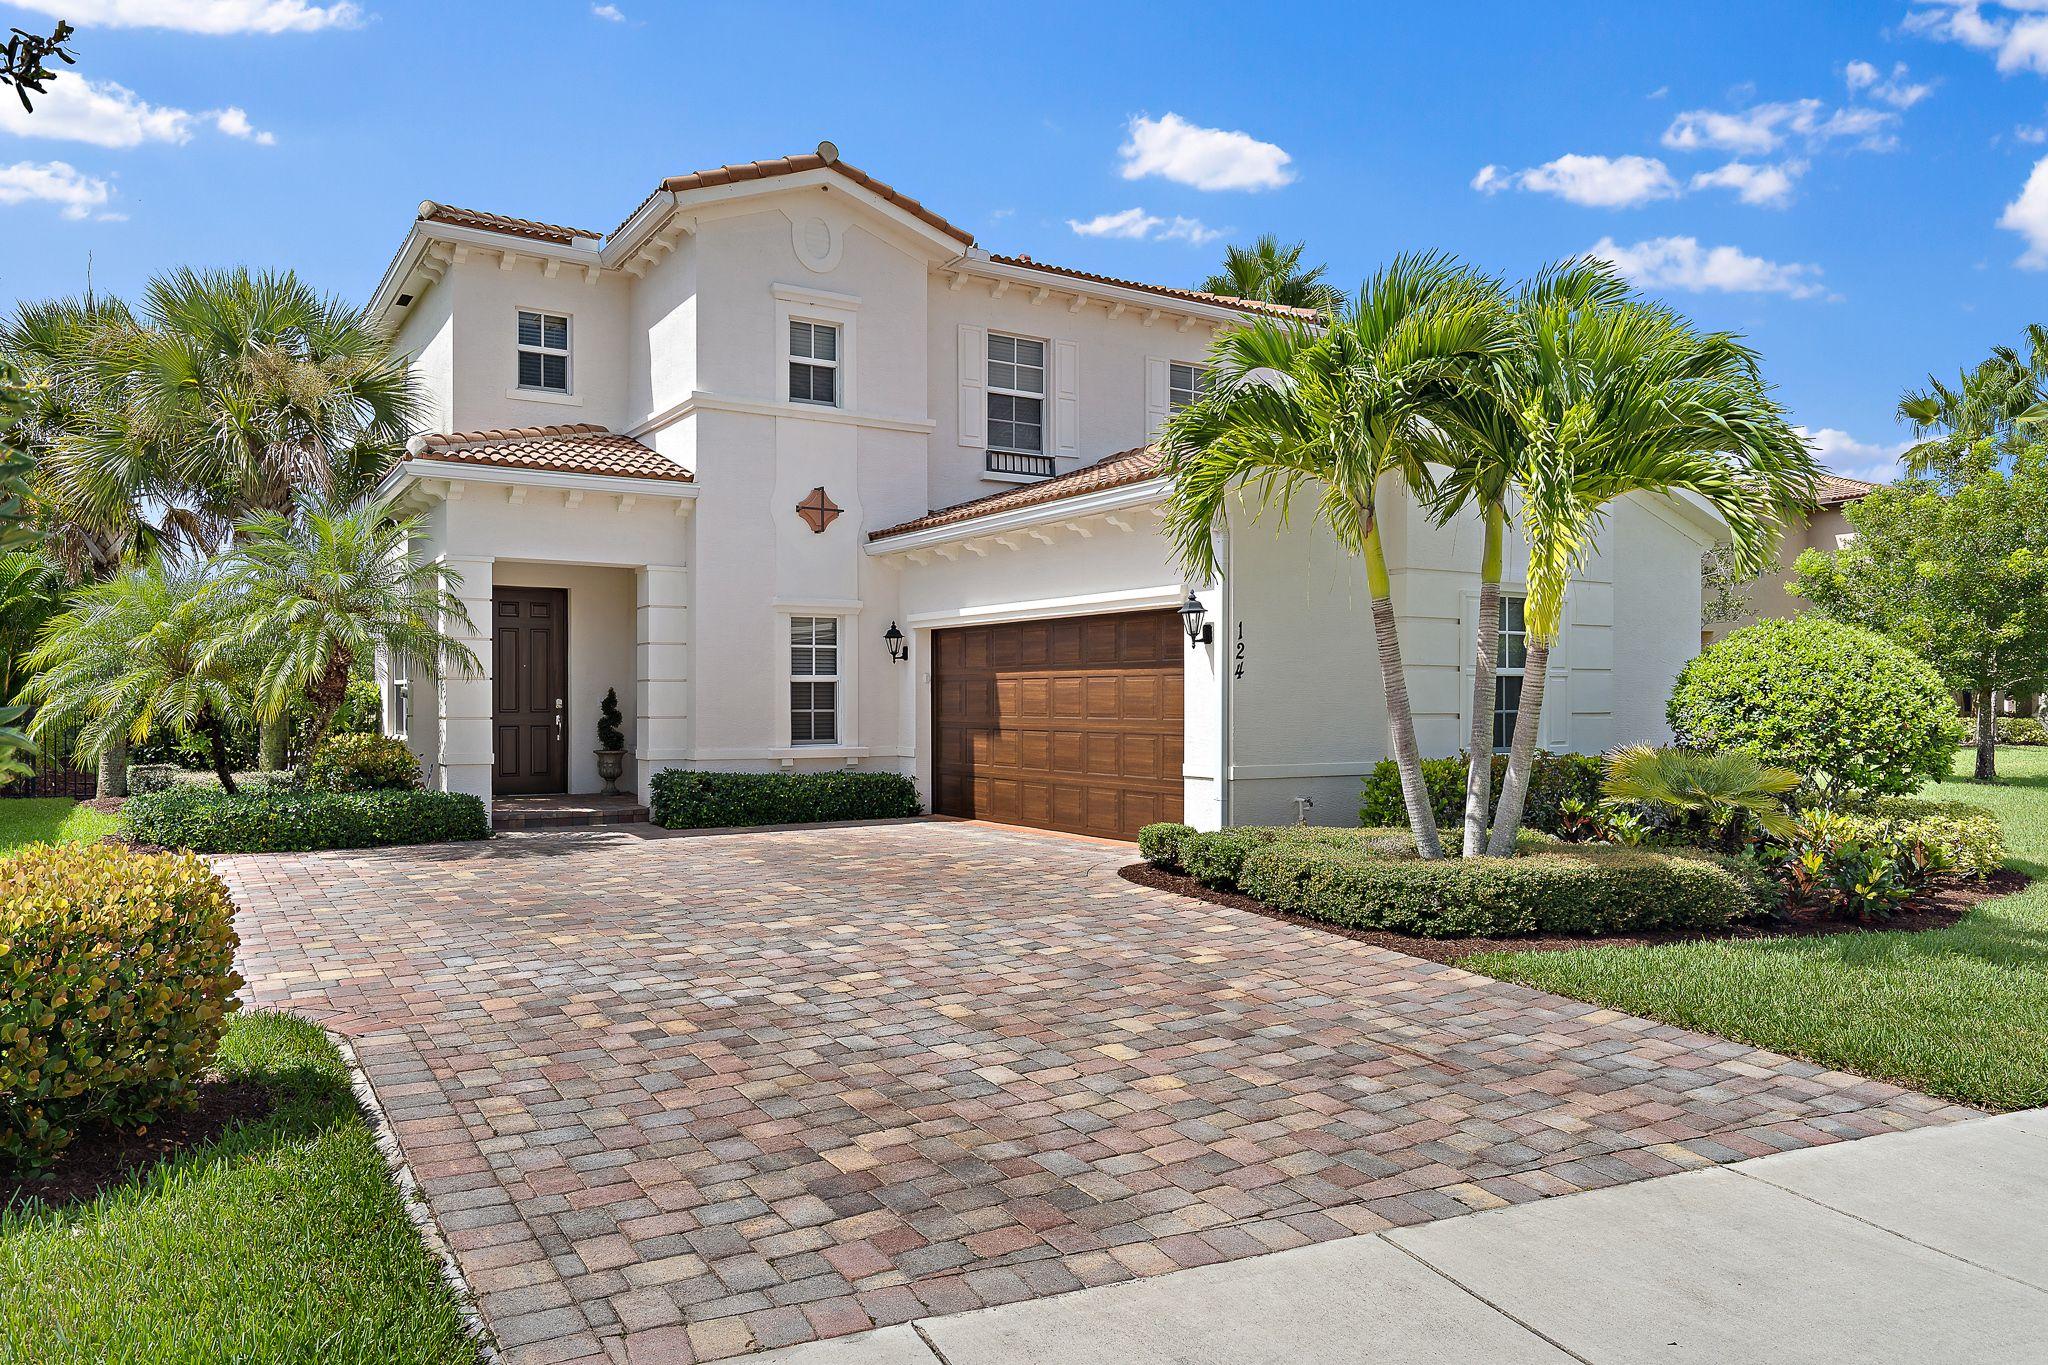 3fe2e0512786010668ed3eeb74251bc1 - Auto Detailing Palm Beach Gardens Fl